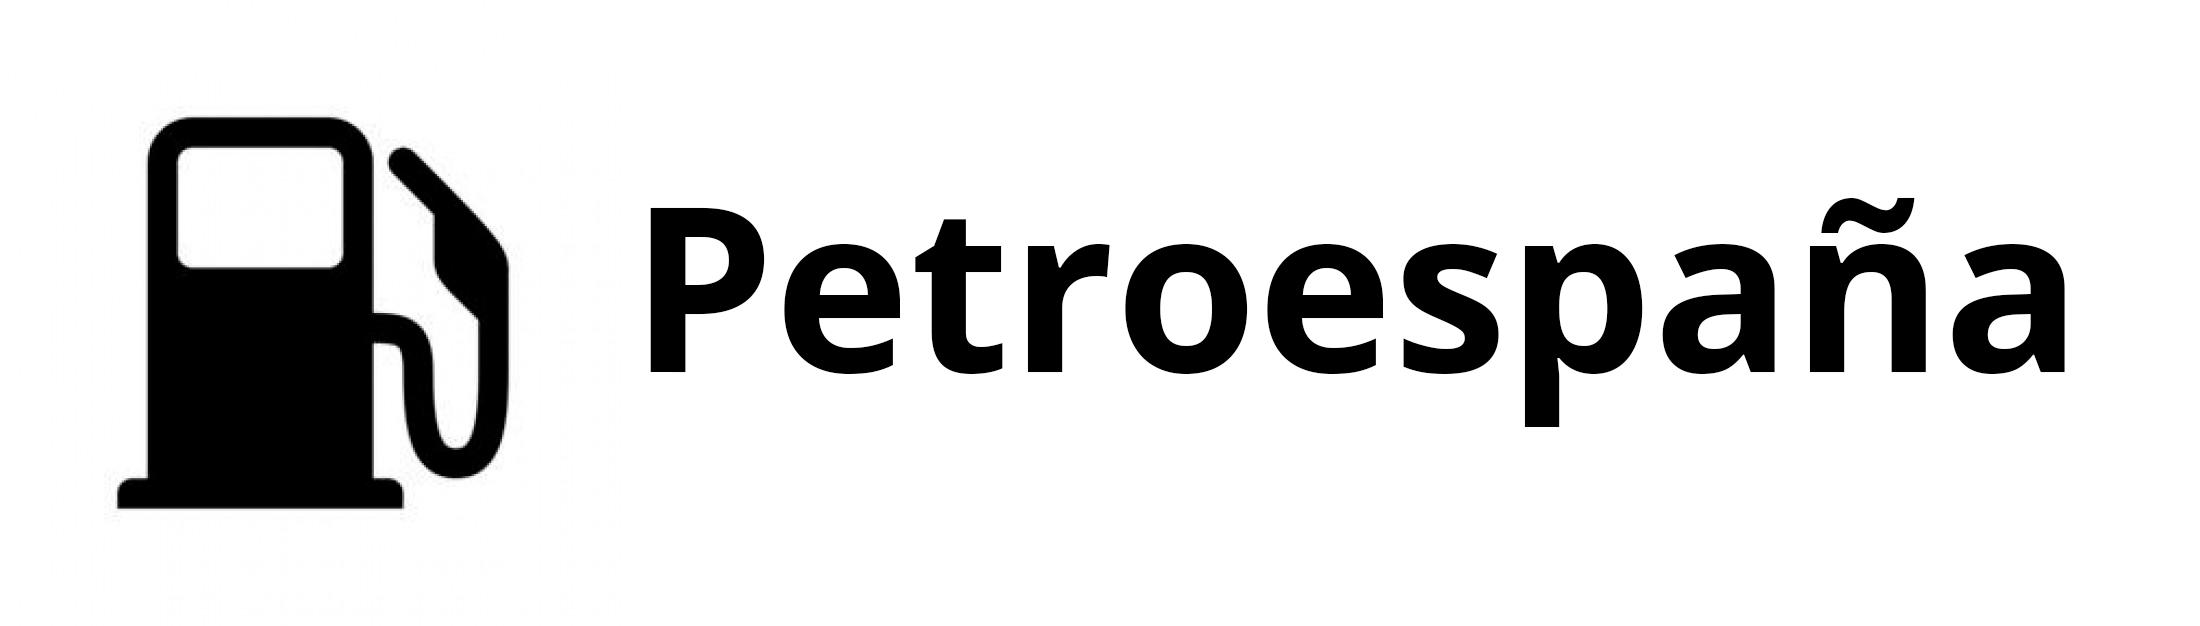 PETROESPAÑA